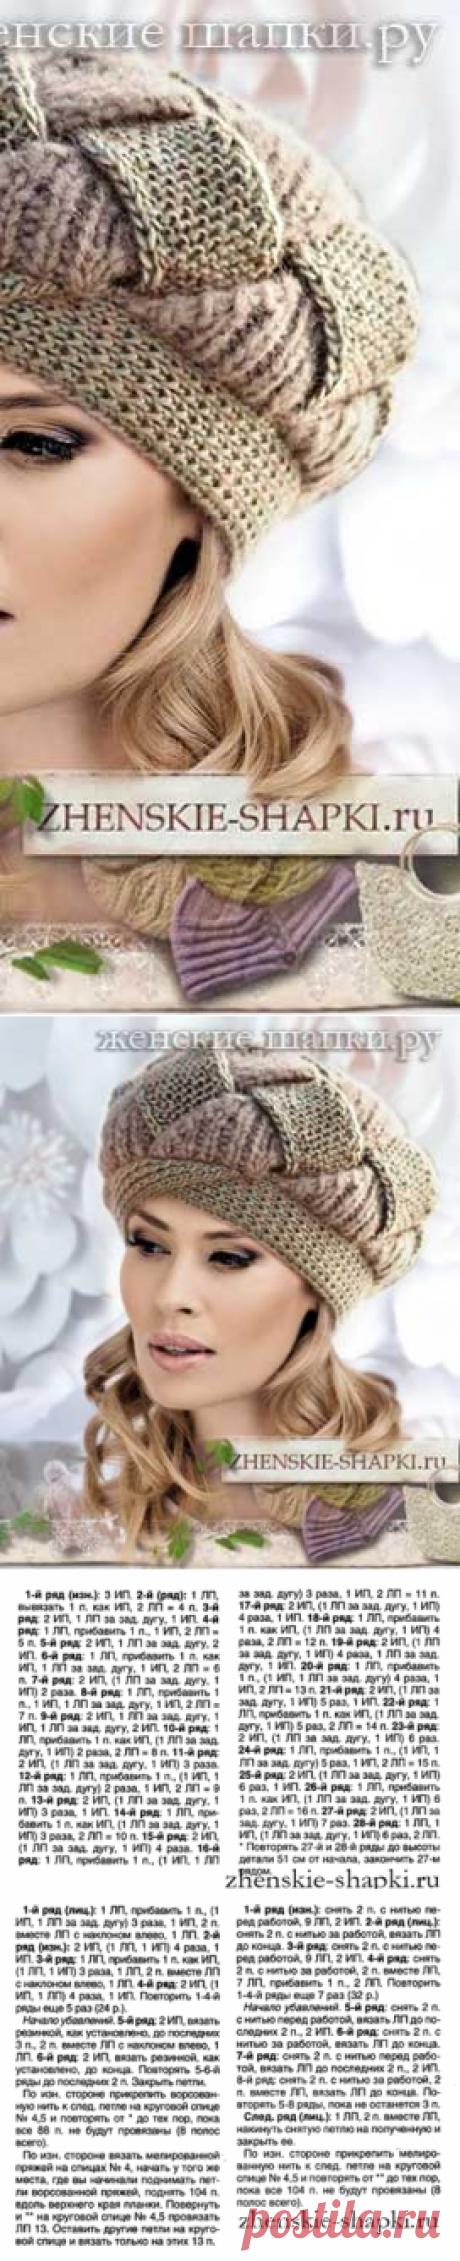 Берет на спицах для женщин на зиму 2018 2019. Вязаные шапки береты схемы описания